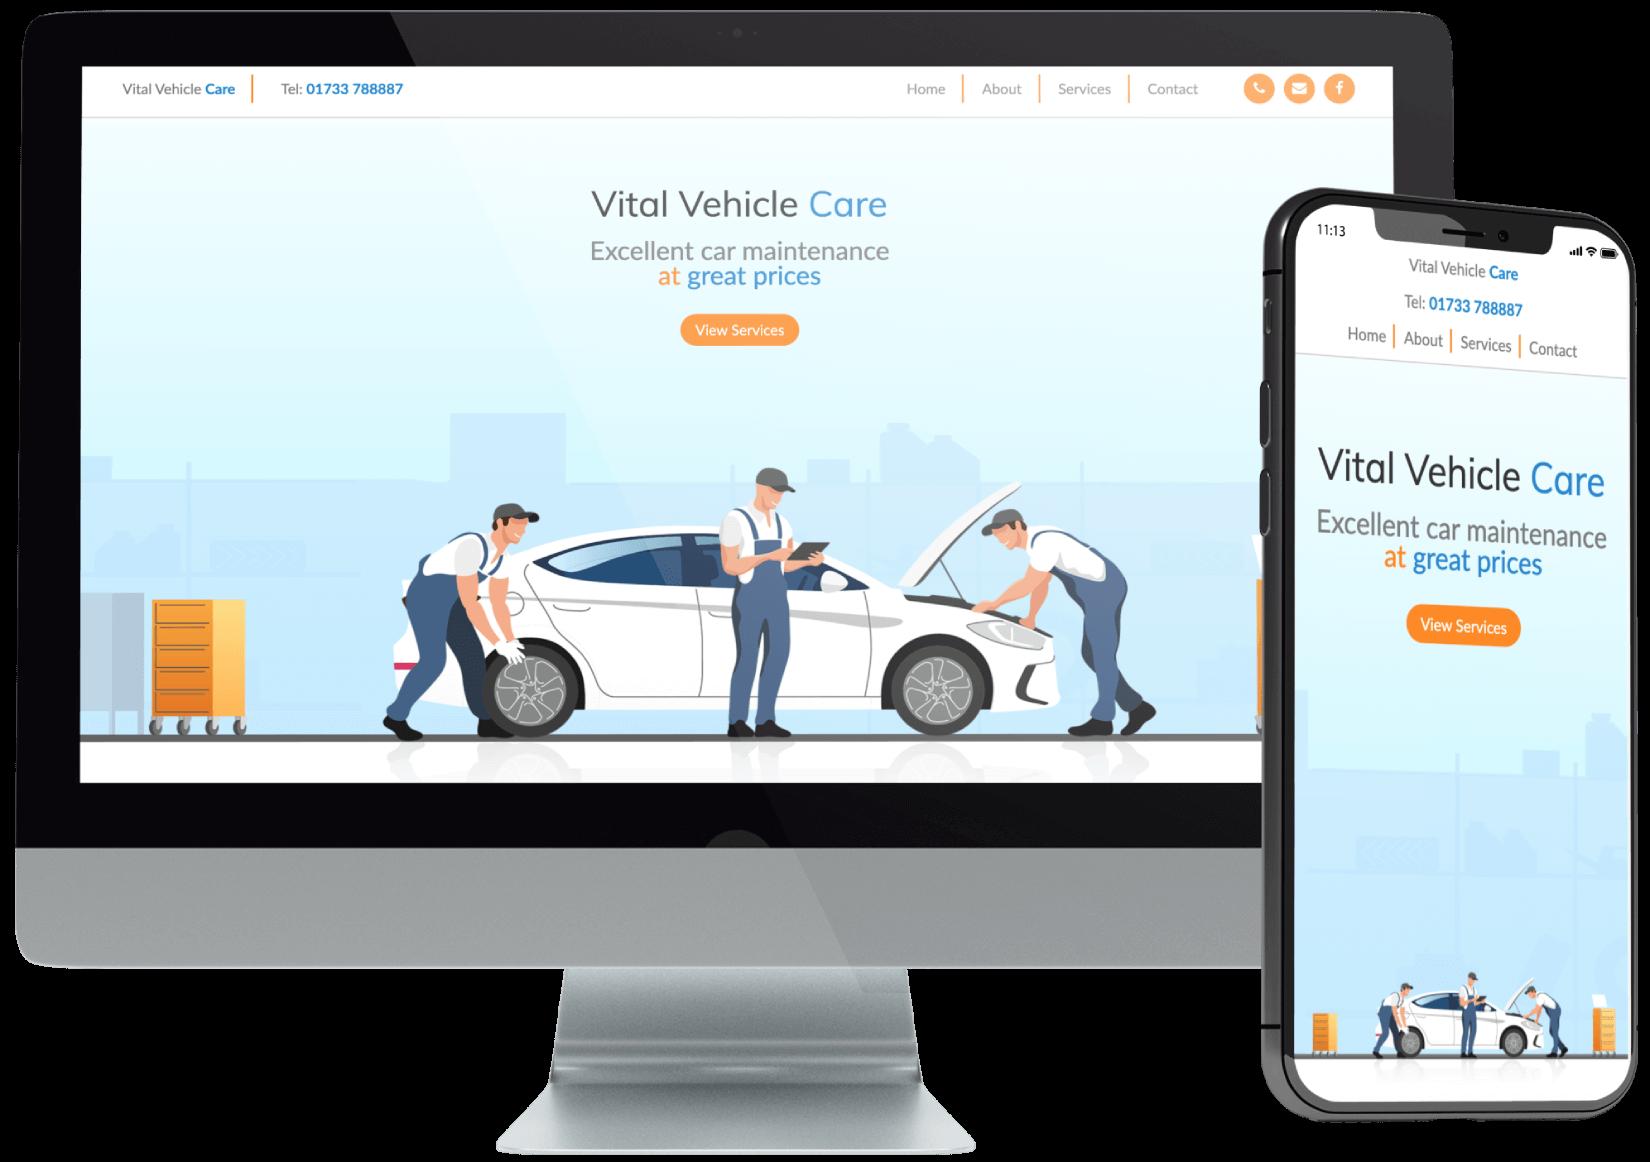 Vital Vehicle Care Website